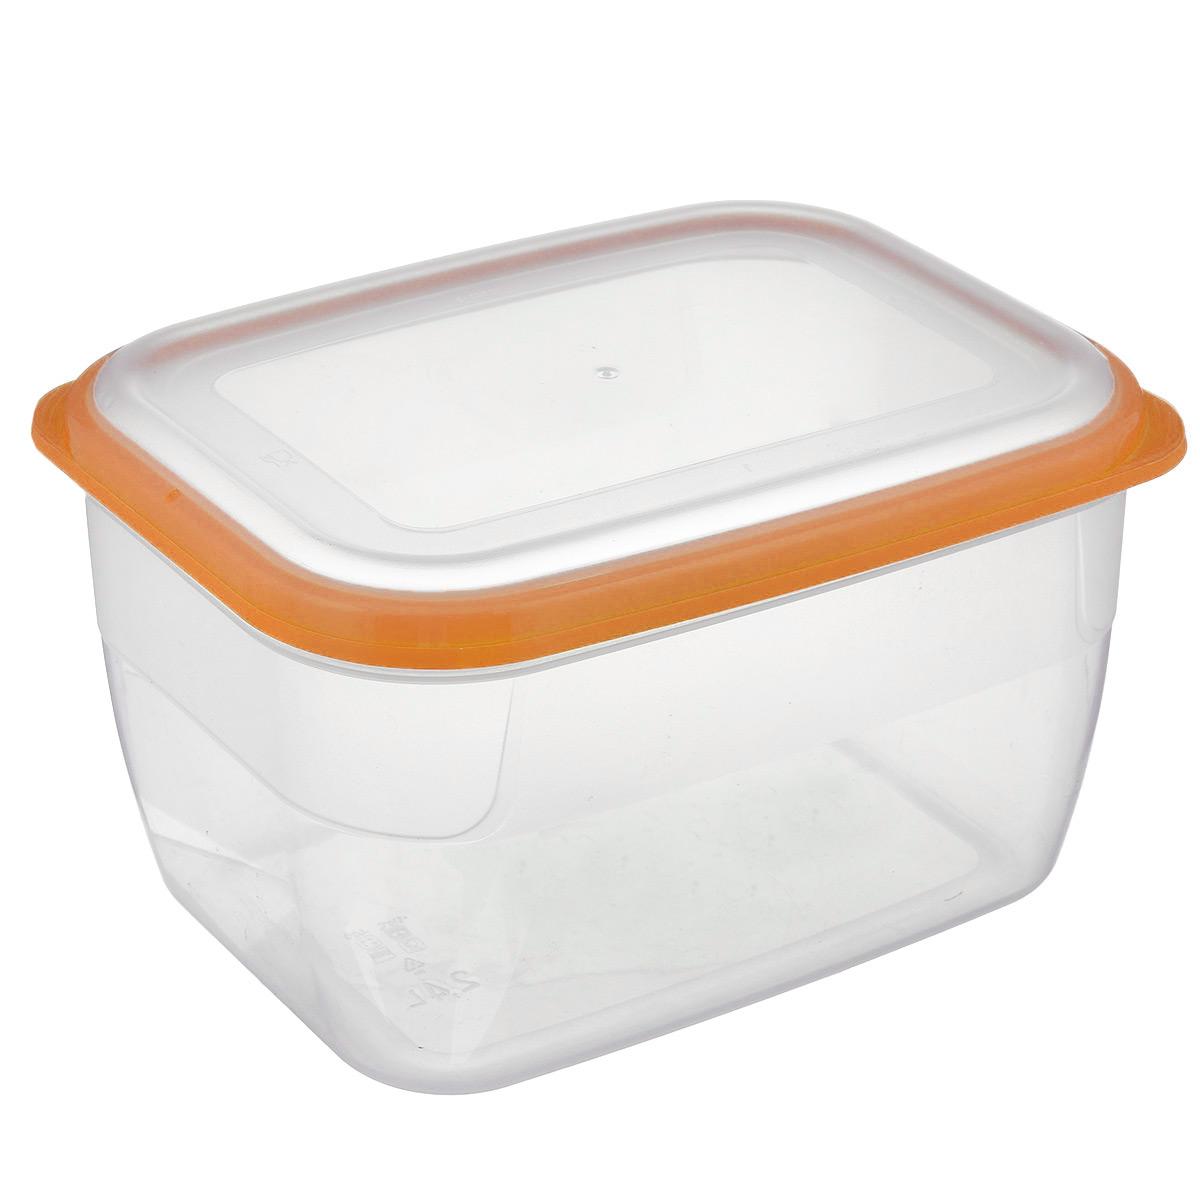 Контейнер Полимербыт Премиум, цвет: прозрачный, оранжевый, 2,4 лС563 оранжевыйКонтейнер Полимербыт Премиум прямоугольной формы, изготовленный из прочного пластика, предназначен специально для хранения пищевых продуктов. Крышка легко открывается и плотно закрывается.Контейнер устойчив к воздействию масел и жиров, легко моется. Прозрачные стенки позволяют видеть содержимое. Контейнер имеет возможность хранения продуктов глубокой заморозки, обладает высокой прочностью. Можно мыть в посудомоечной машине. Подходит для использования в микроволновых печах.